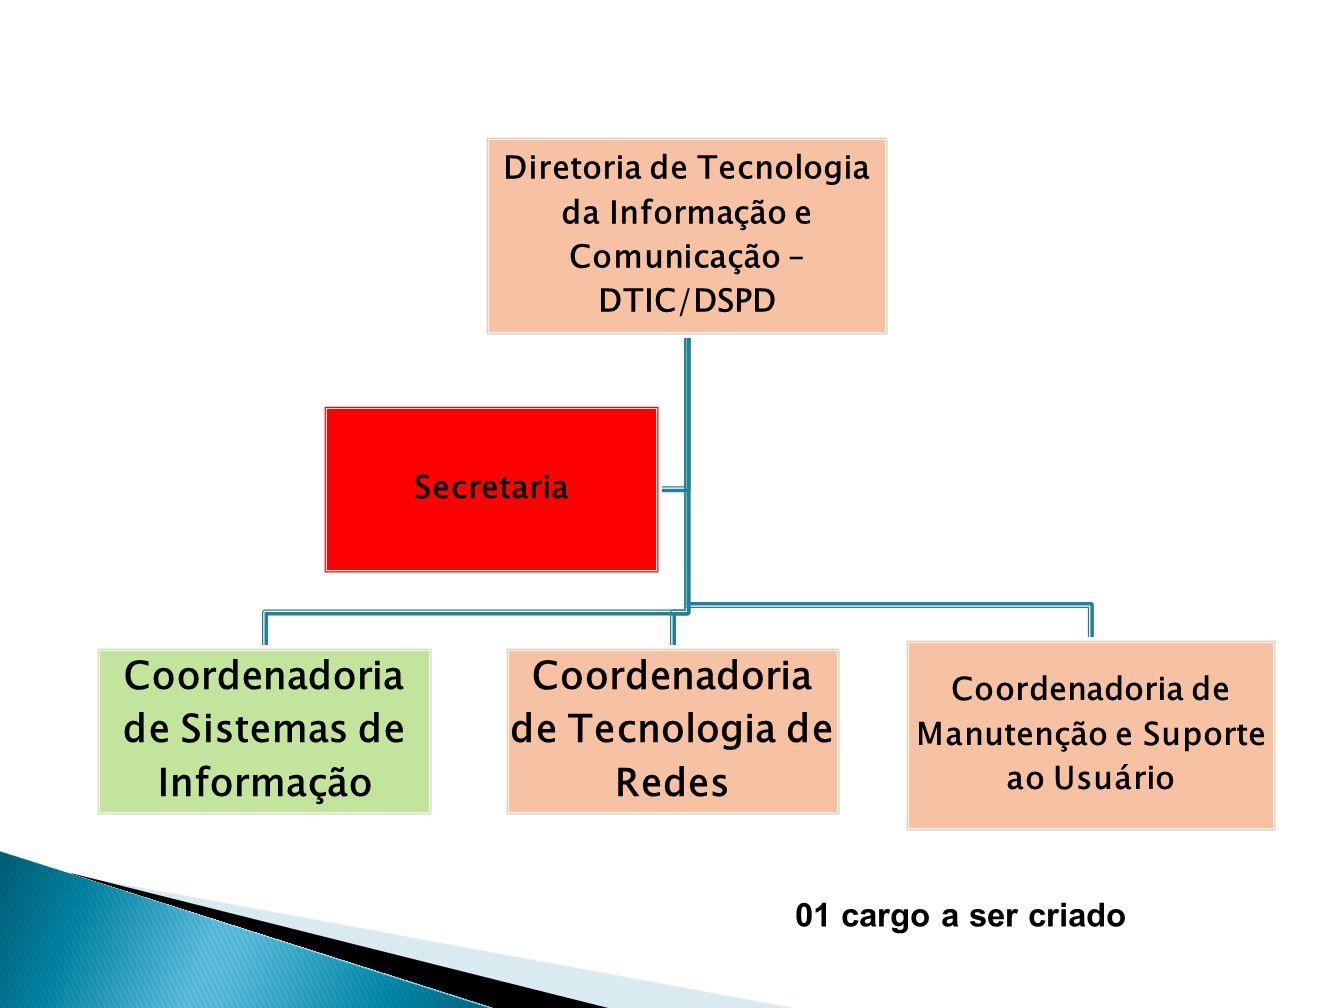 Diretoria de Tecnologia da Informação e Comunicação – DTIC/DSPD Coordenadoria de Sistemas de Informação Coordenadoria de Tecnologia de Redes Coordenad